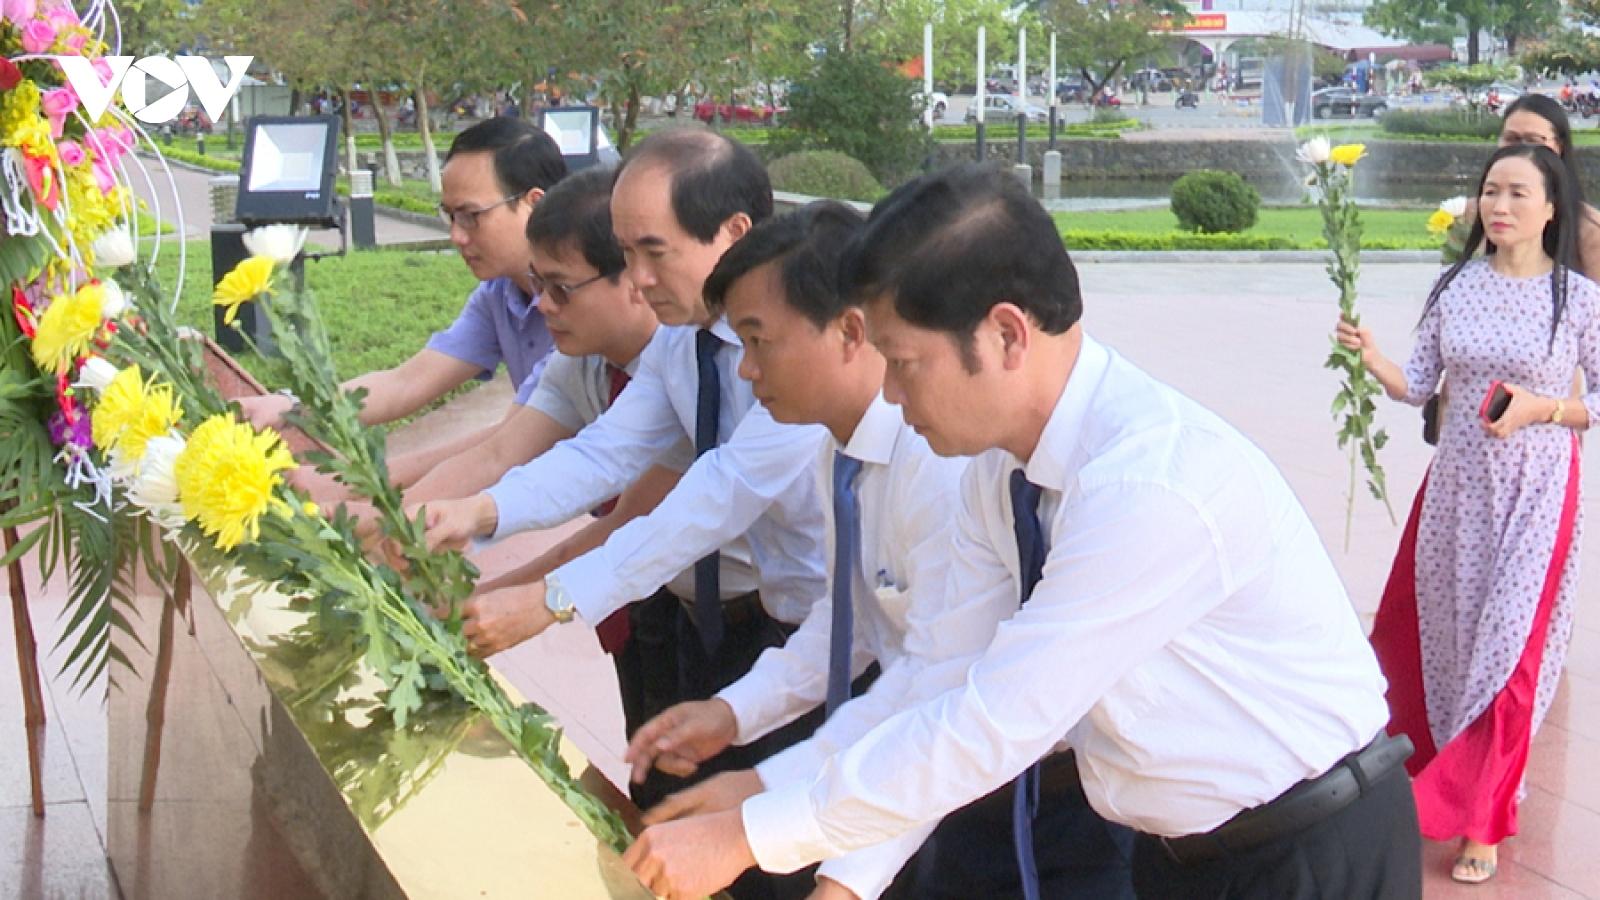 Kỷ niệm 114 năm ngày sinh Tổng Bí thư Lê Duẩn tại Quảng Trị